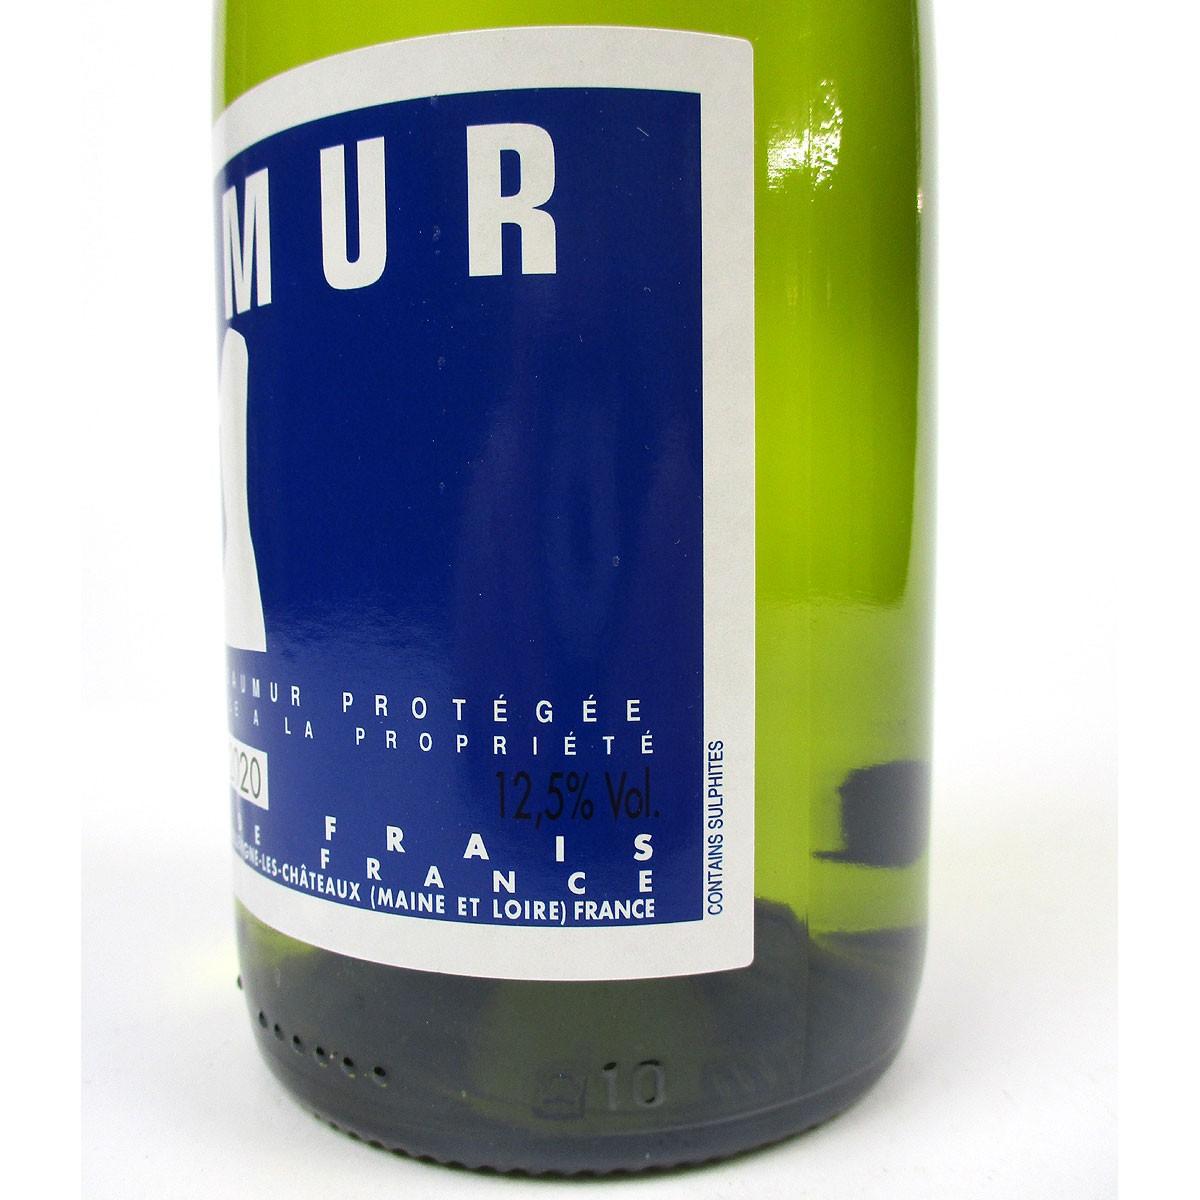 Saumur Blanc 2020 - Bottle Label Side